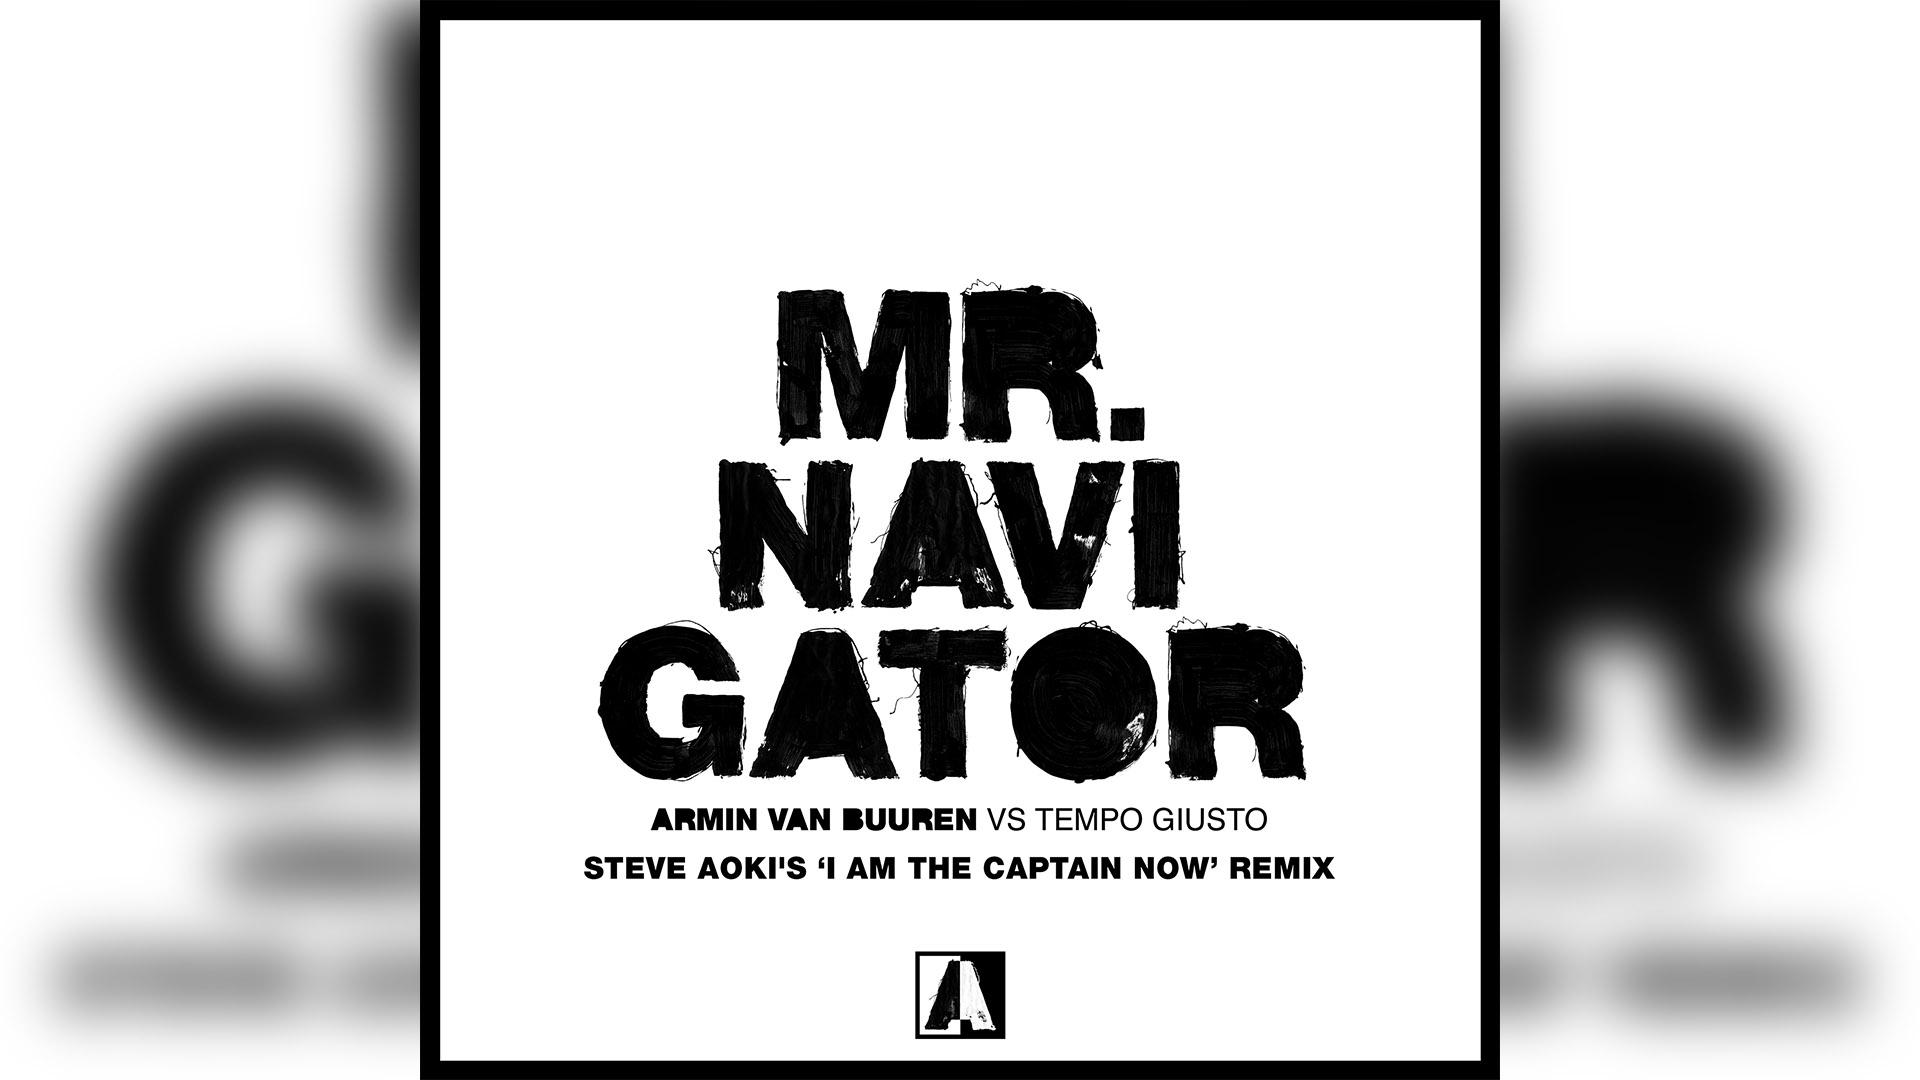 Mr. Navigator